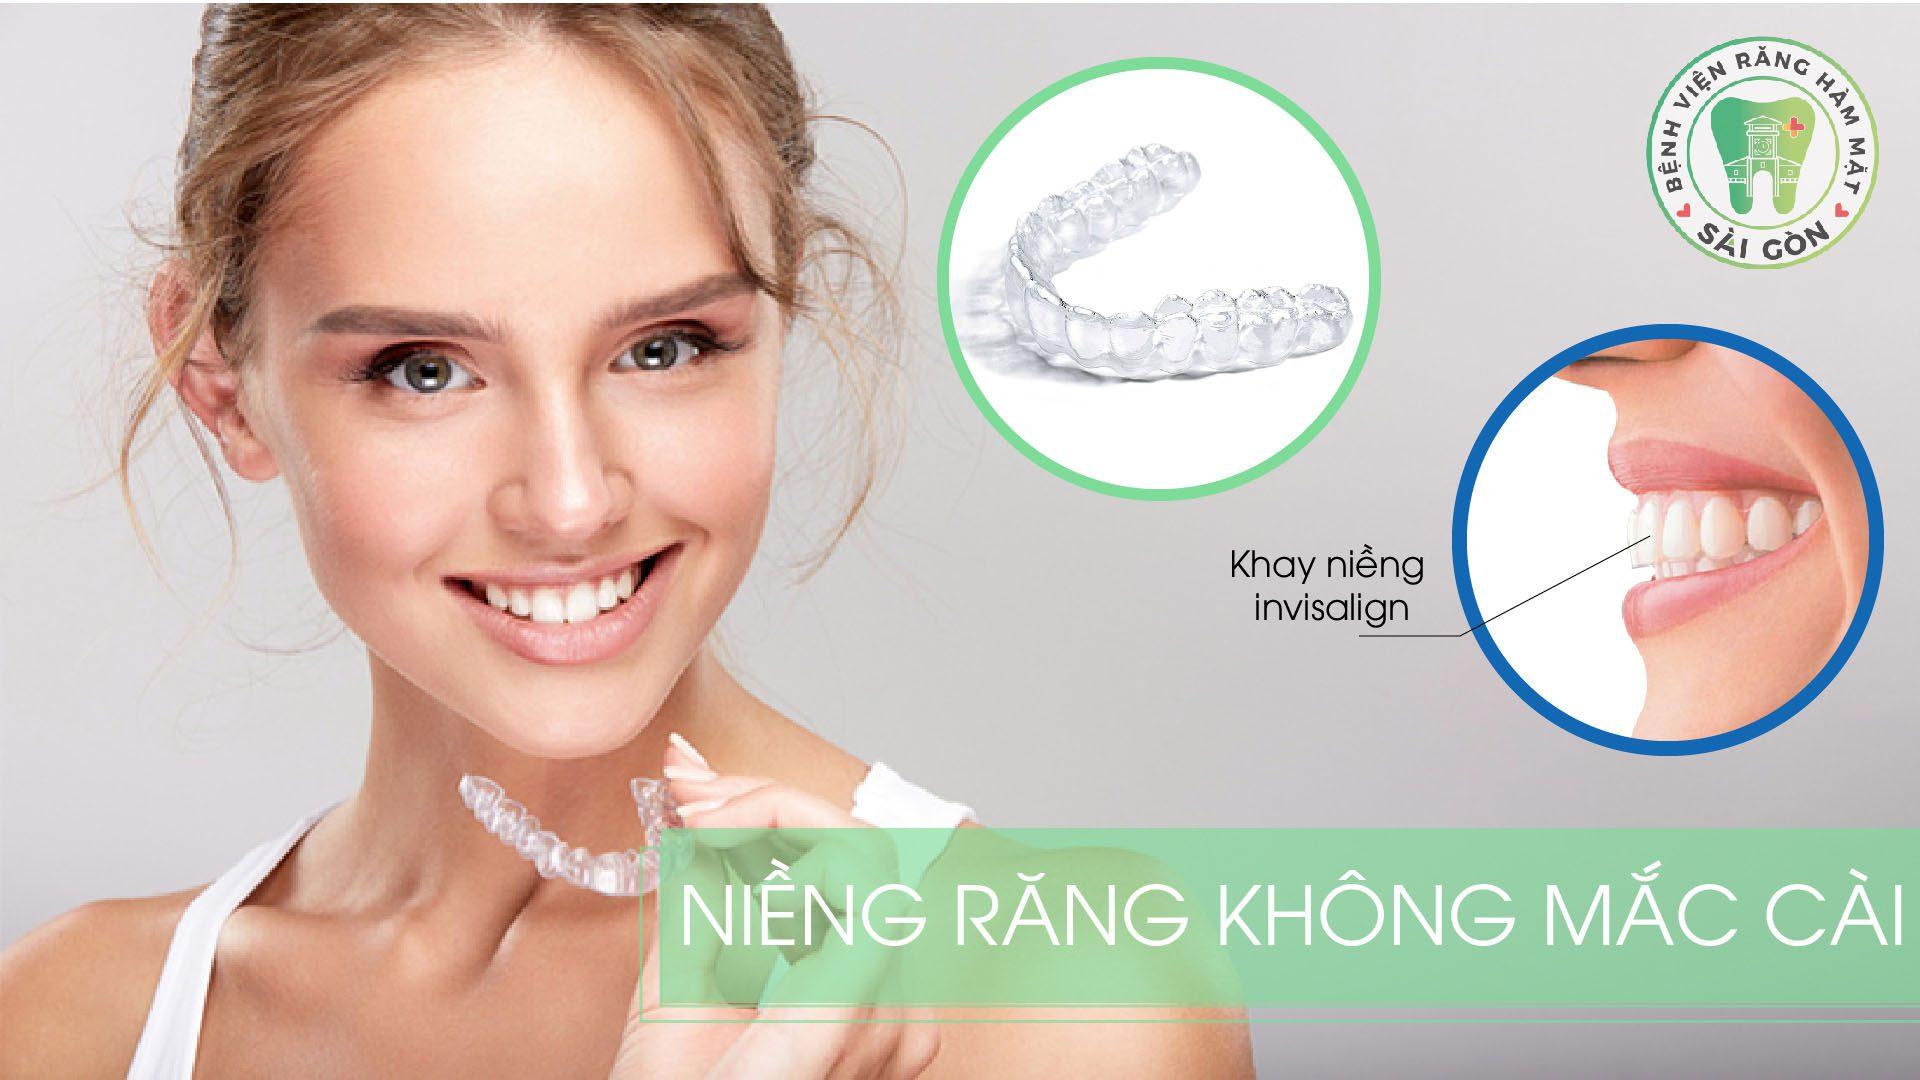 nieng-rang-khong-mac-cai-invisalign